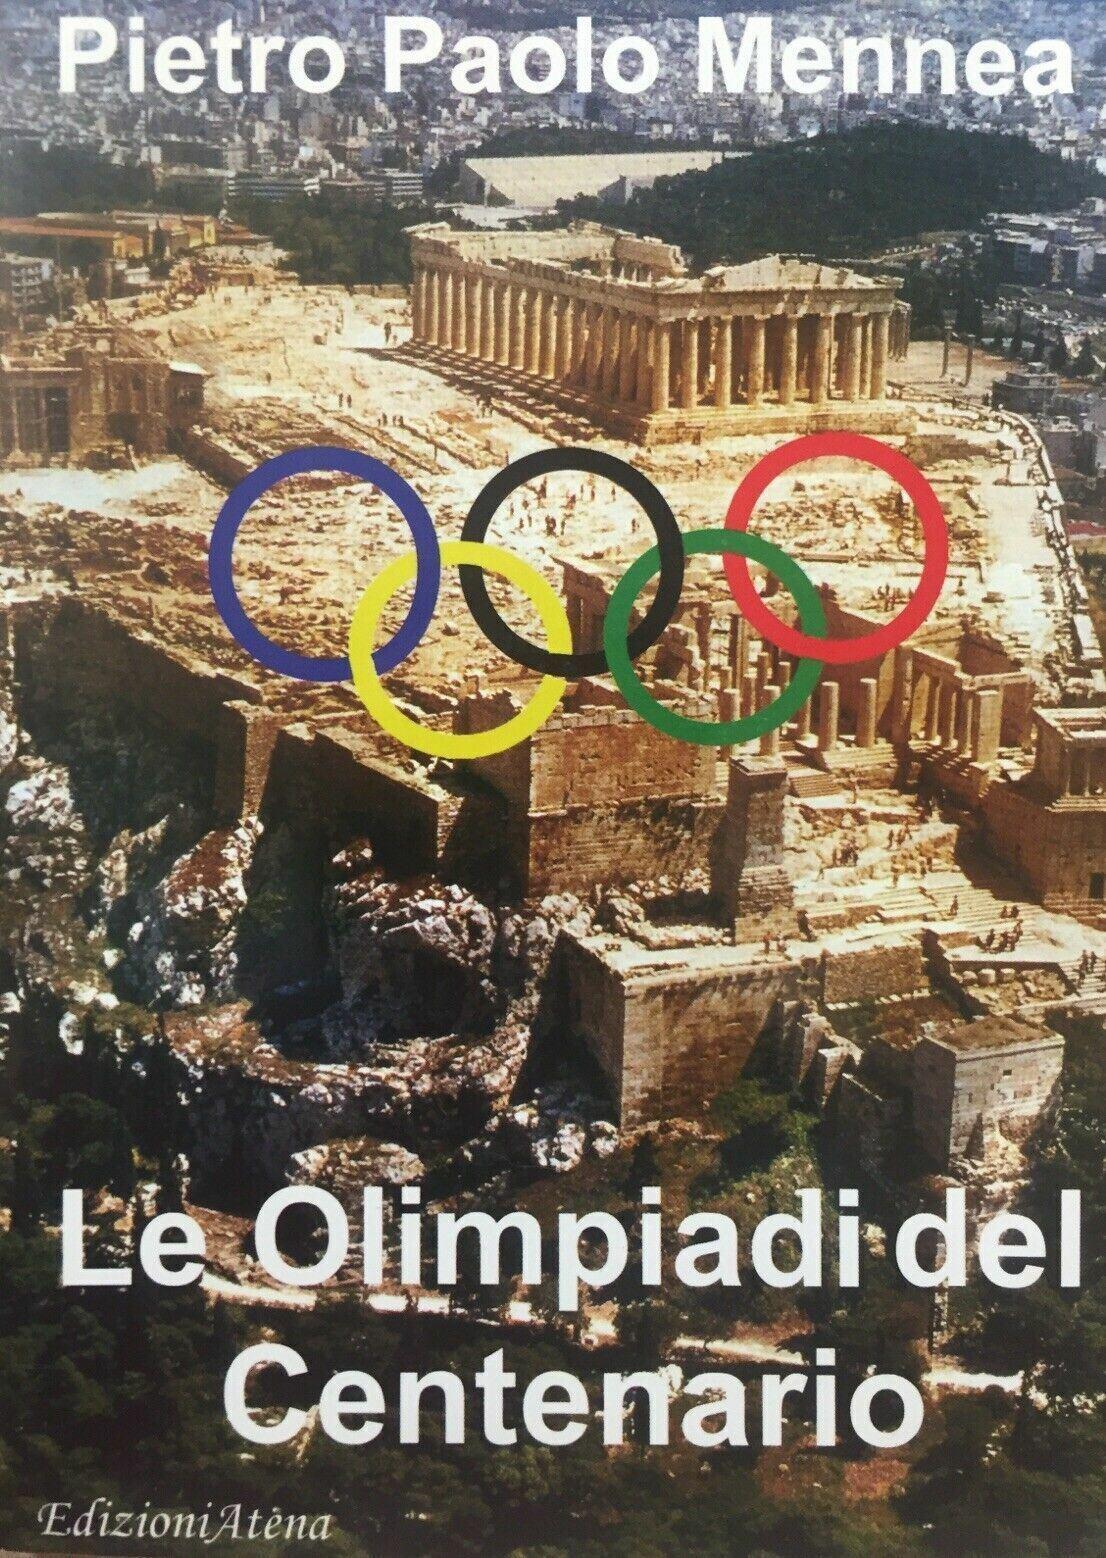 LE OLIMPIADI RACCONTANO LA STORIA ATTRAVERSO LE IMMAGINI FILATELICHE - Fatti, curiosità e aneddoti da Olimpia a Londra 2012